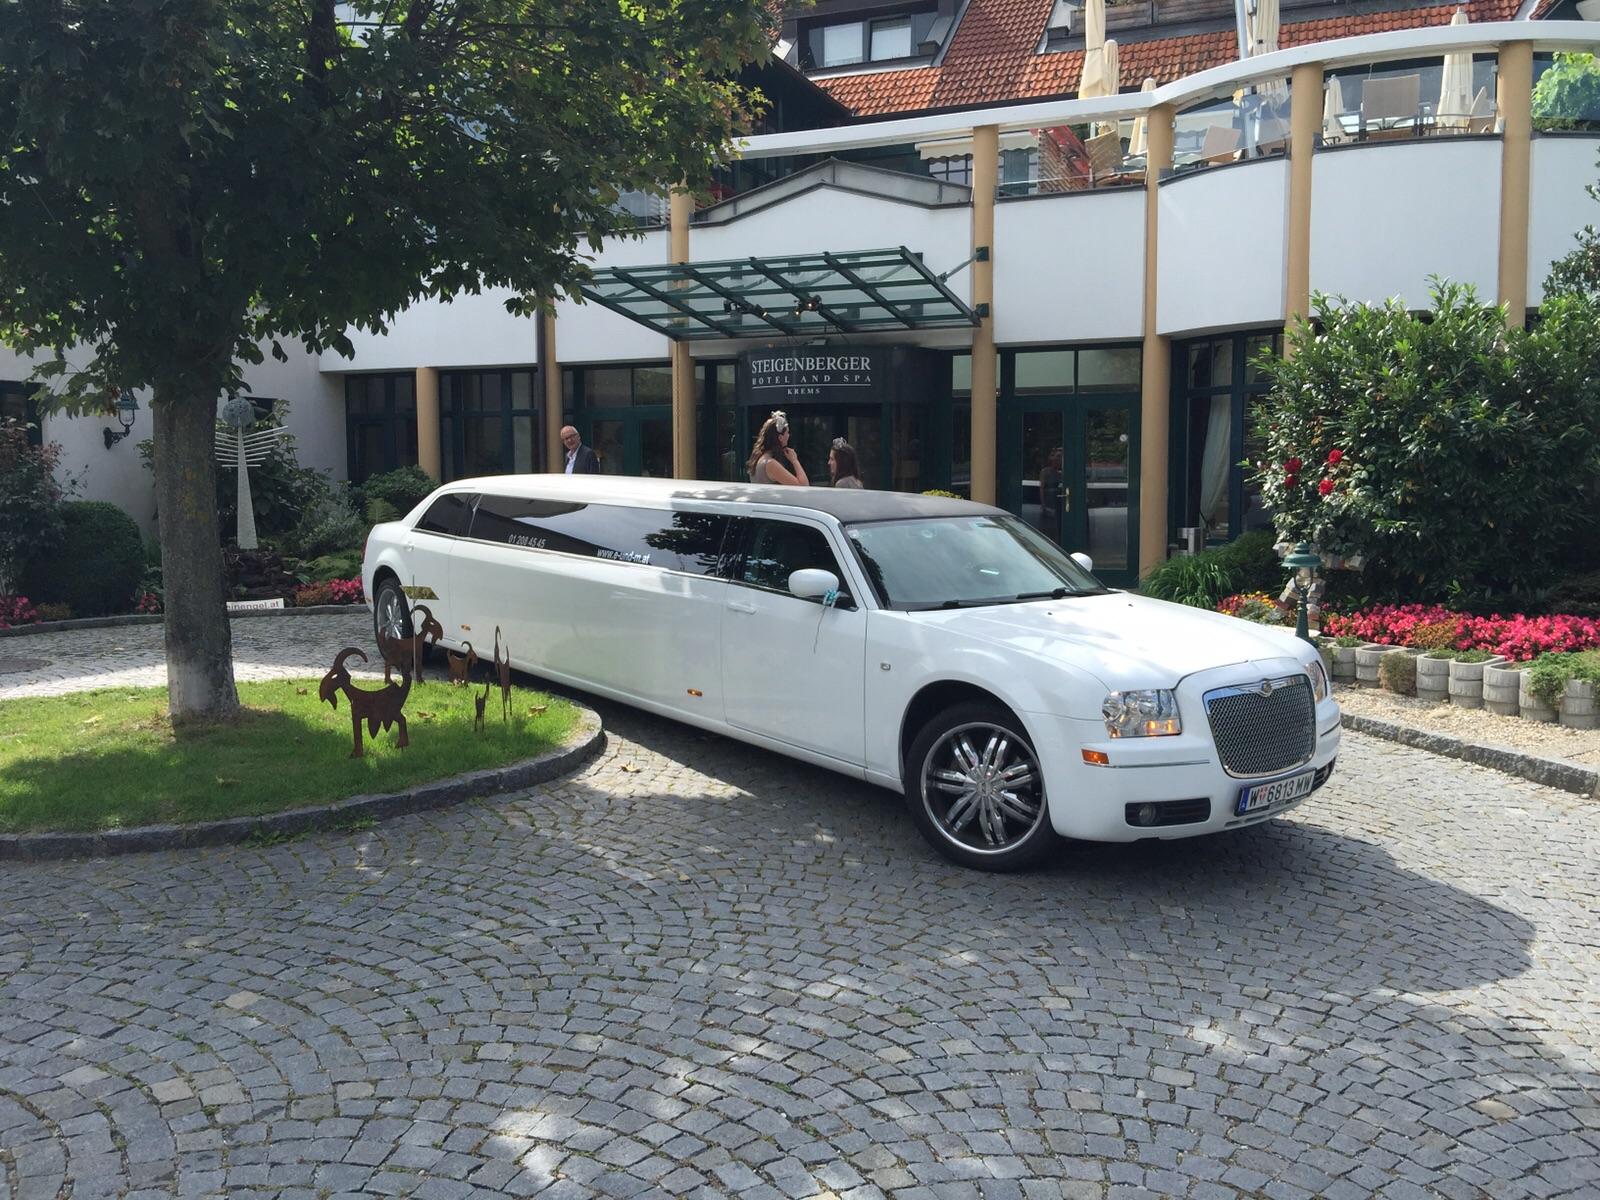 Stretchlimousine Wien mieten, hummer limousine